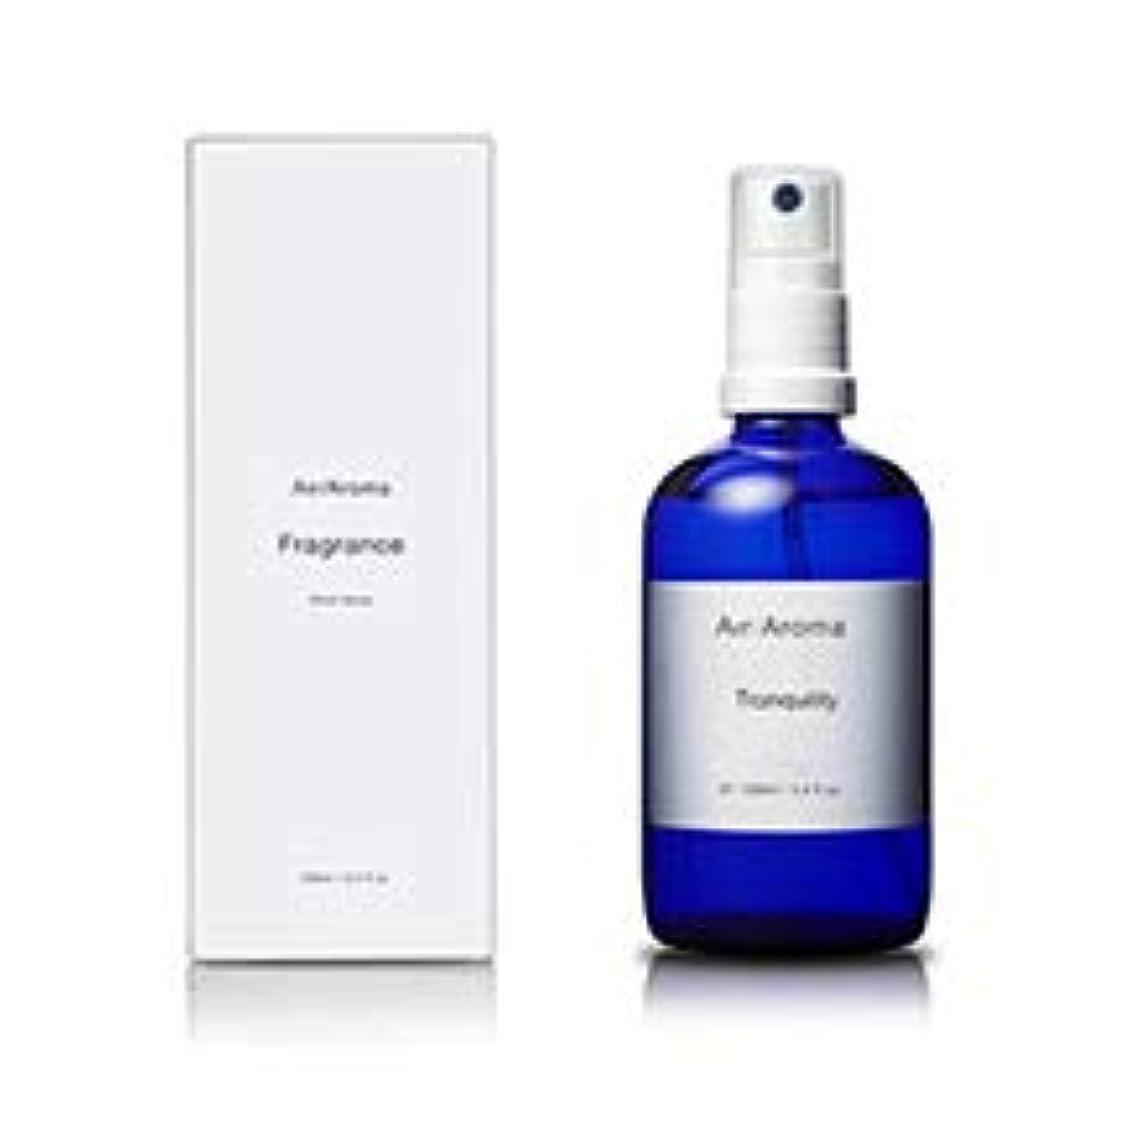 放散するスーパークリーナーエアアロマ tranquility room fragrance (トランキリティー ルームフレグランス) 100ml